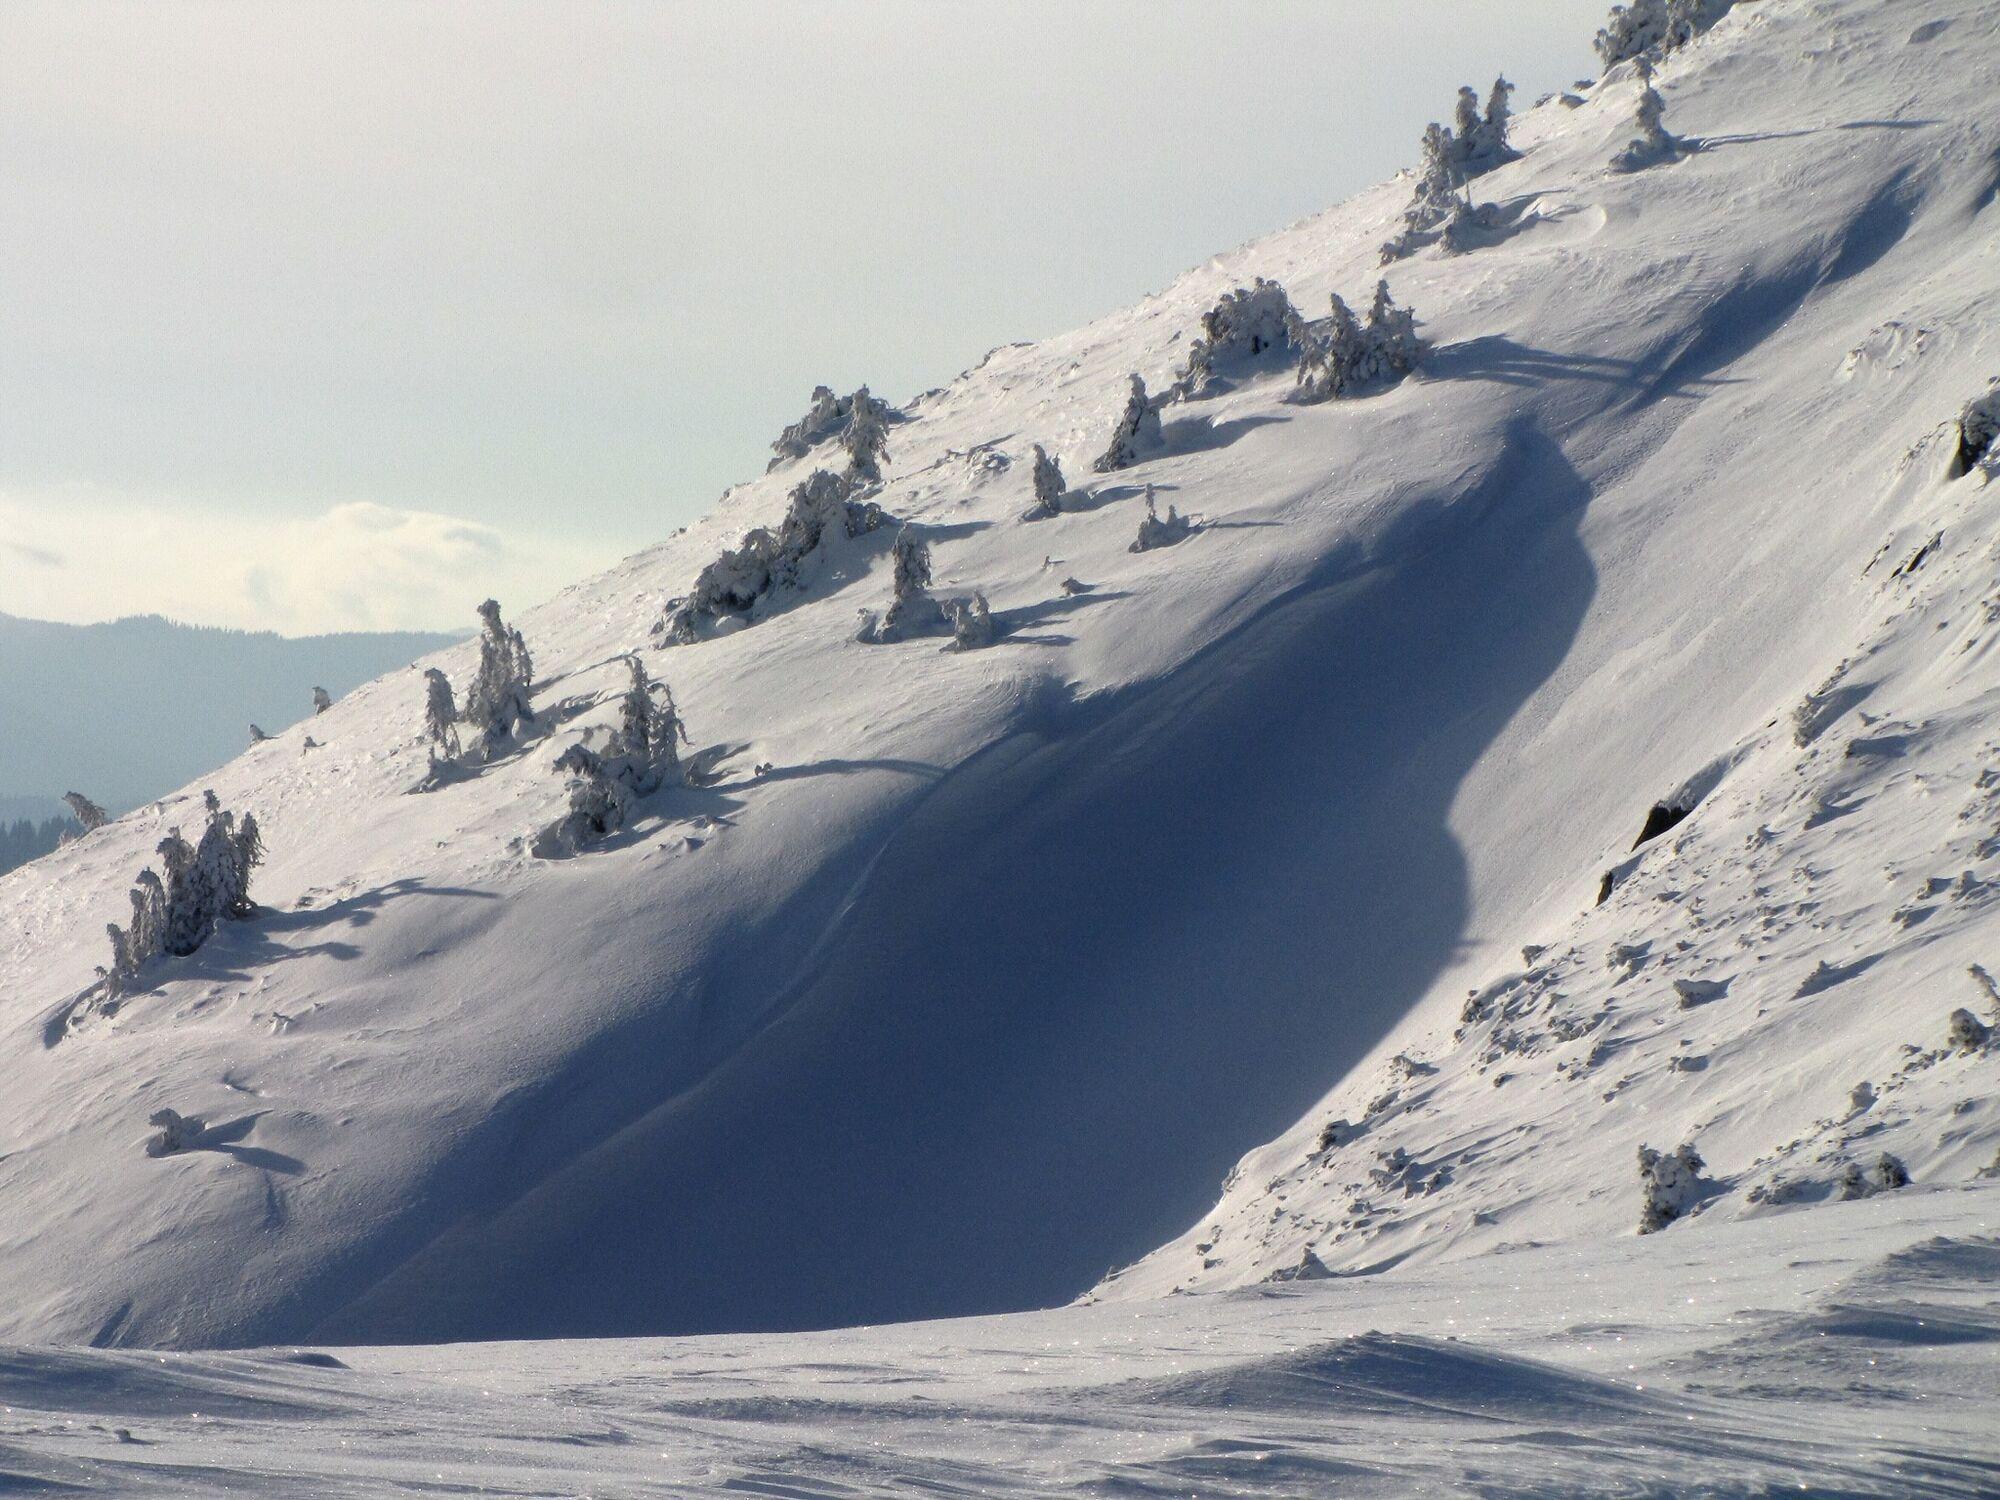 Кадри зафіксували на найвищому гірському масиві українських Карпат